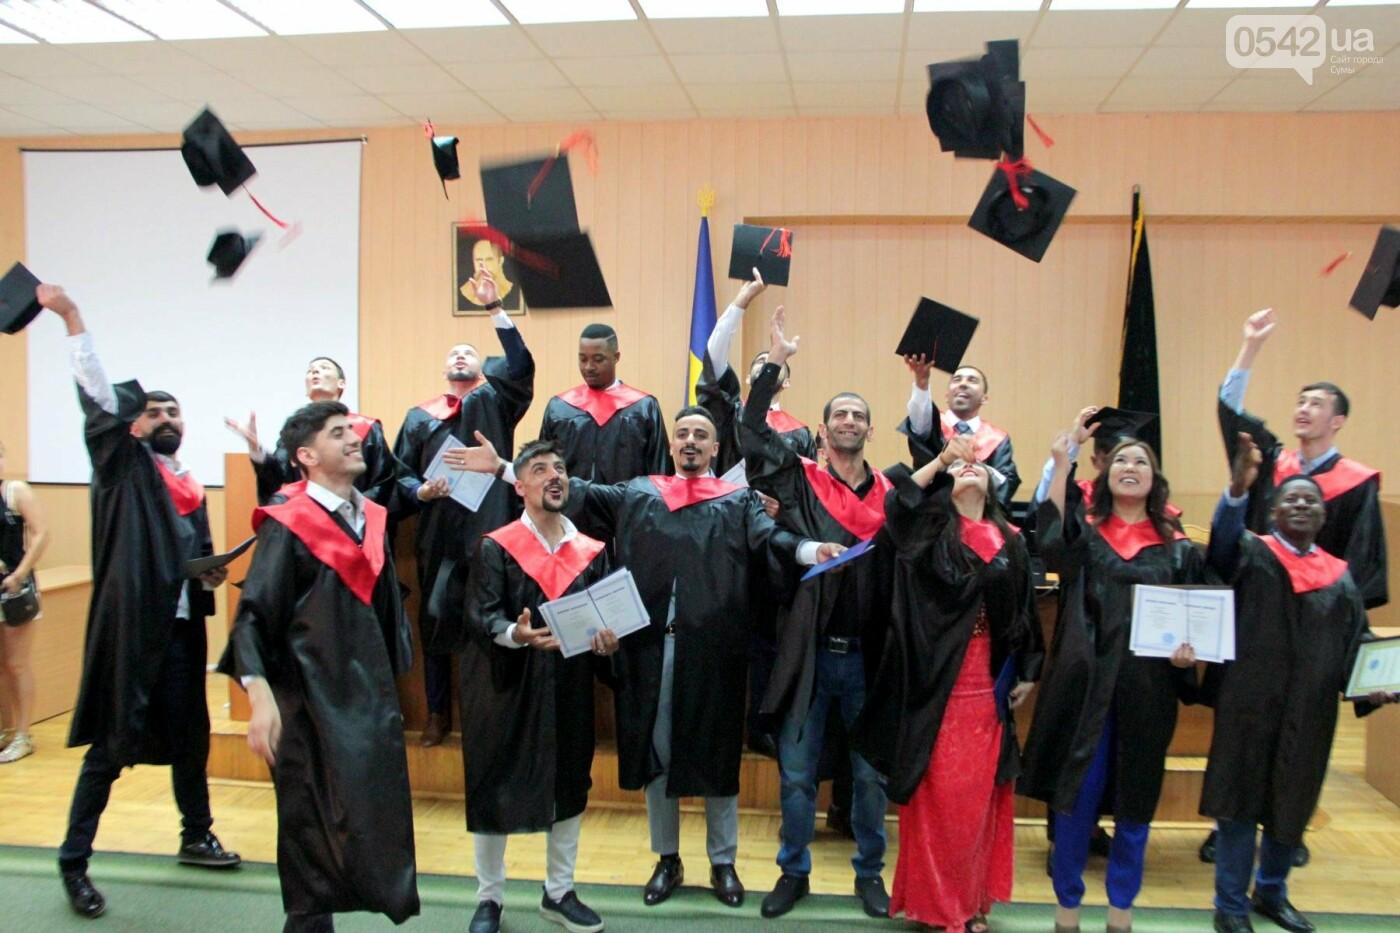 В Сумском НАУ состоялся торжественный выпуск студентов-иностранцев, фото-3